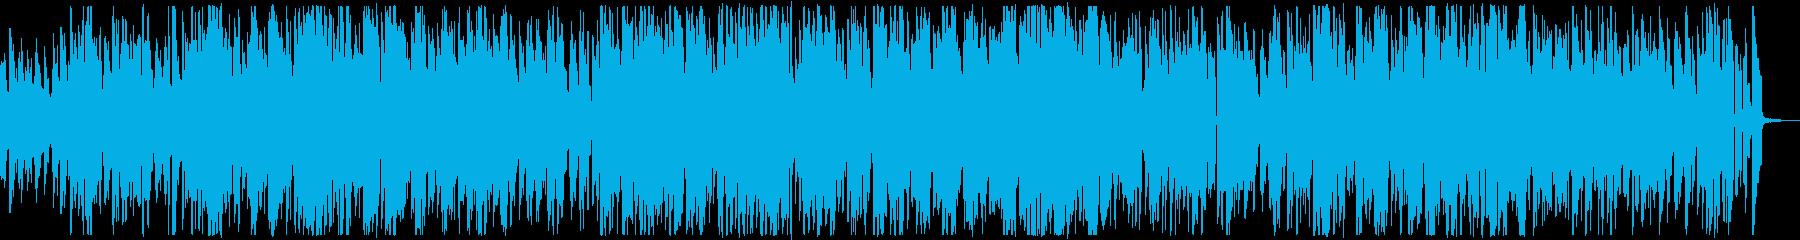 ヴィブラフォン・ジャズカルテットの再生済みの波形